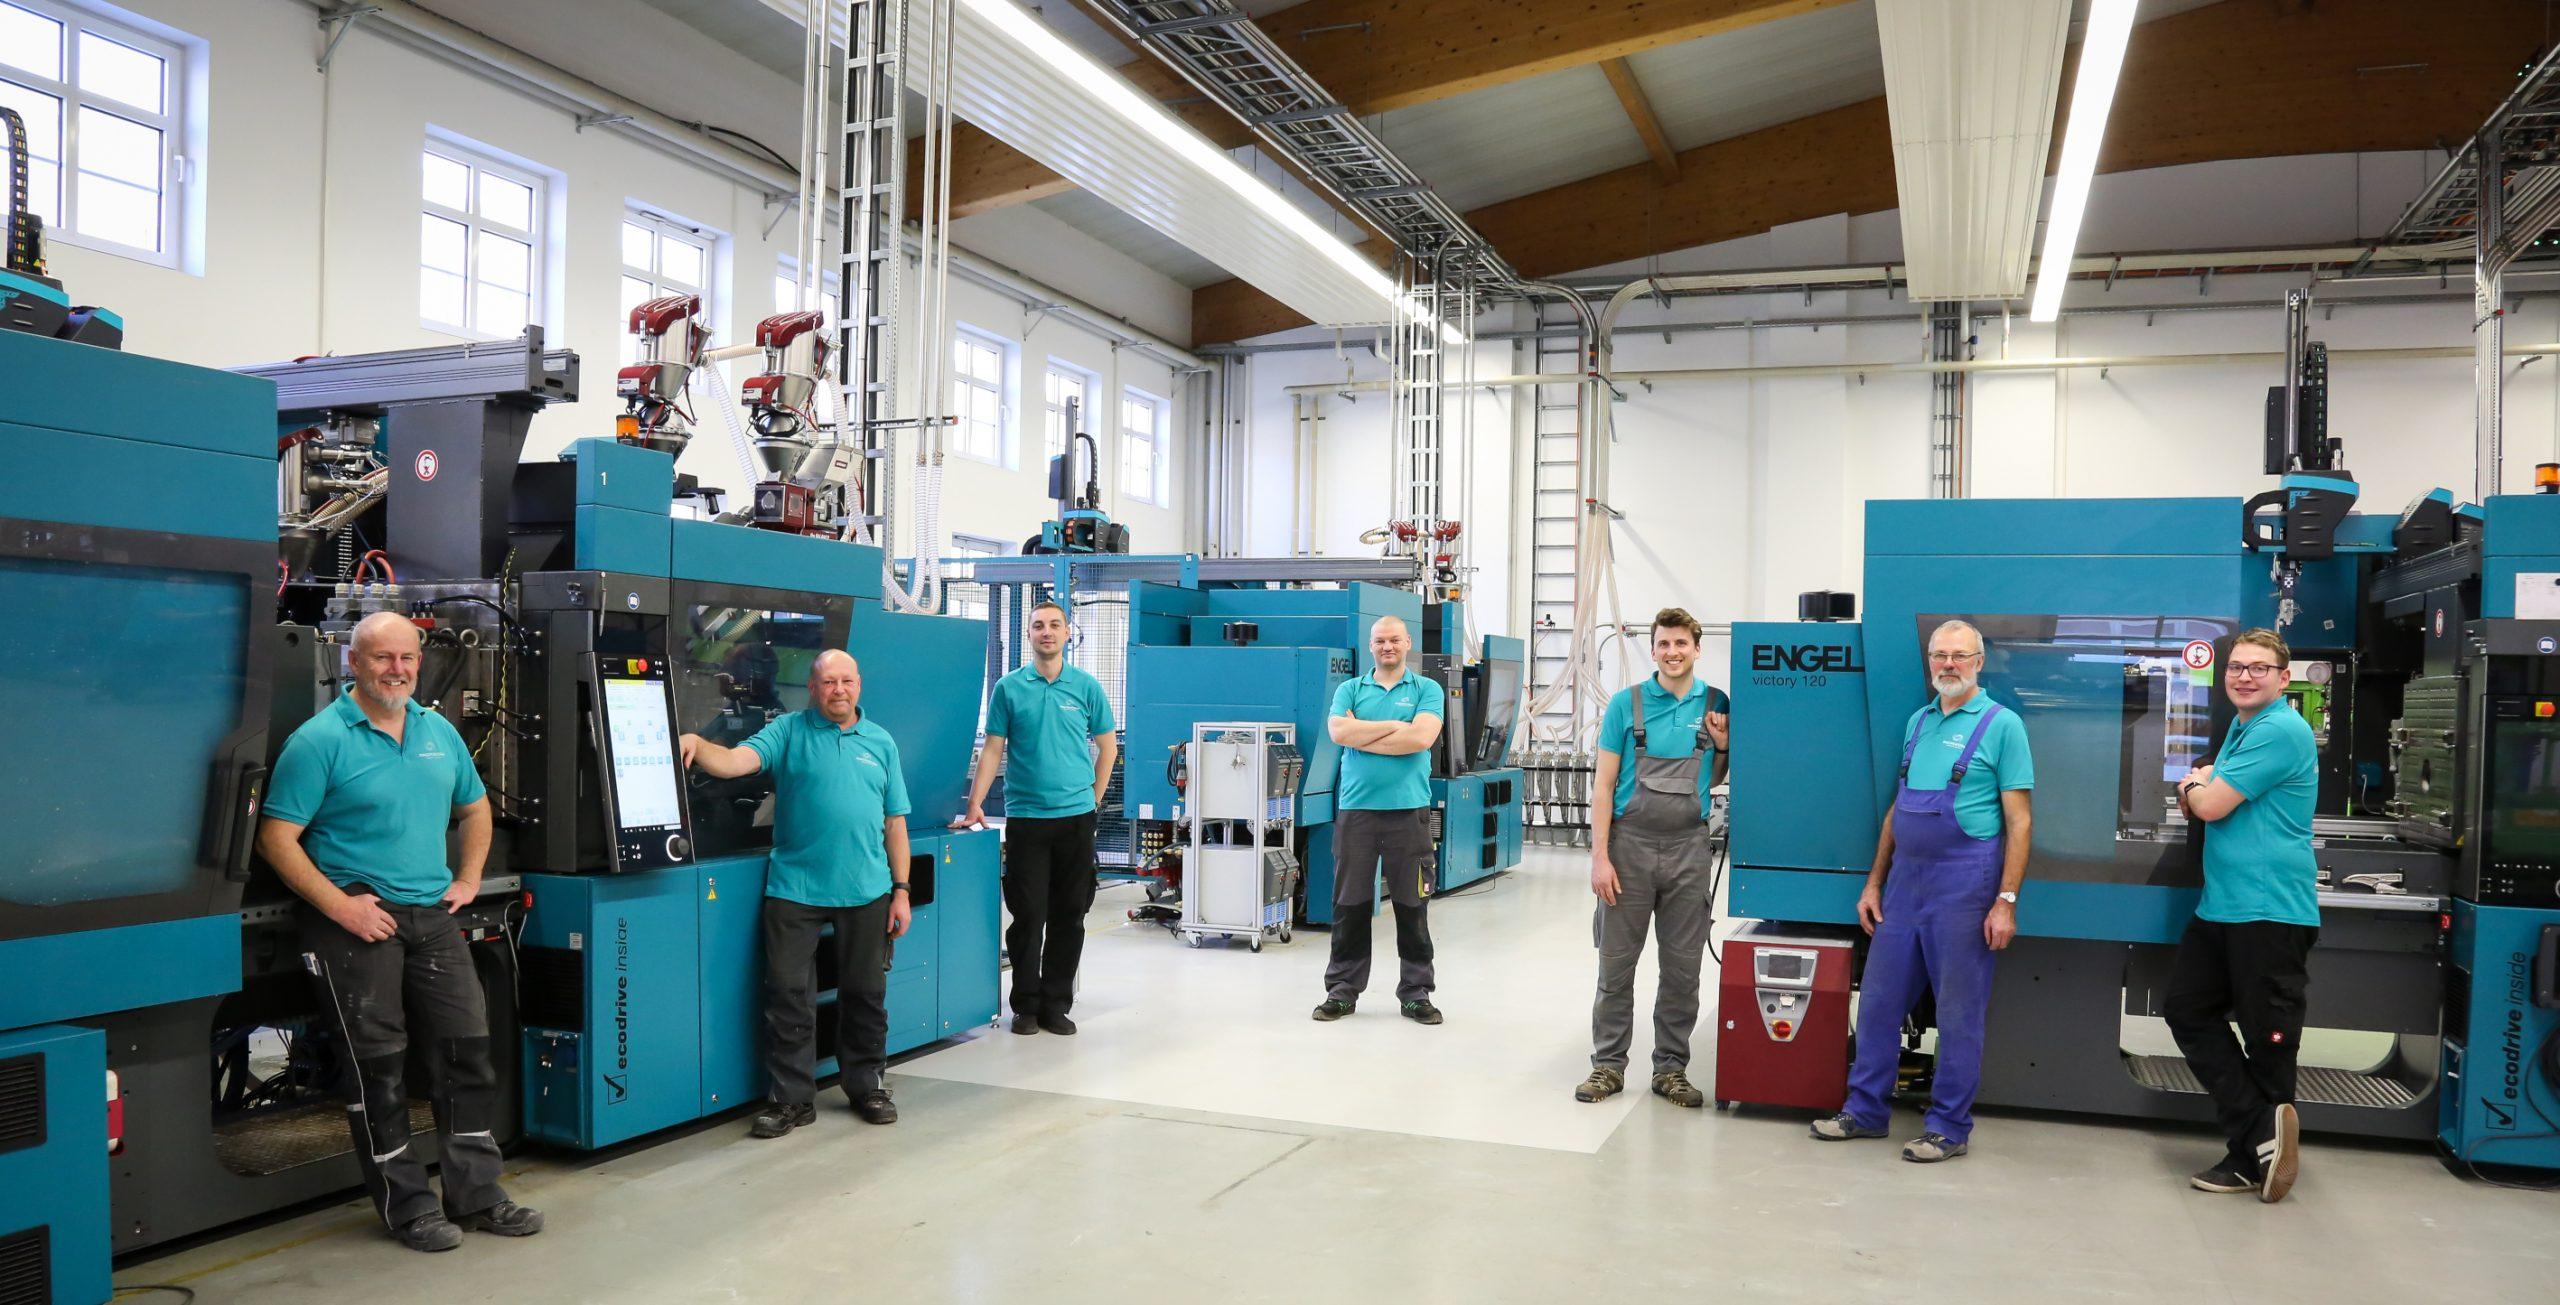 gesamte Team der Produktion vor dem Maschinenpark